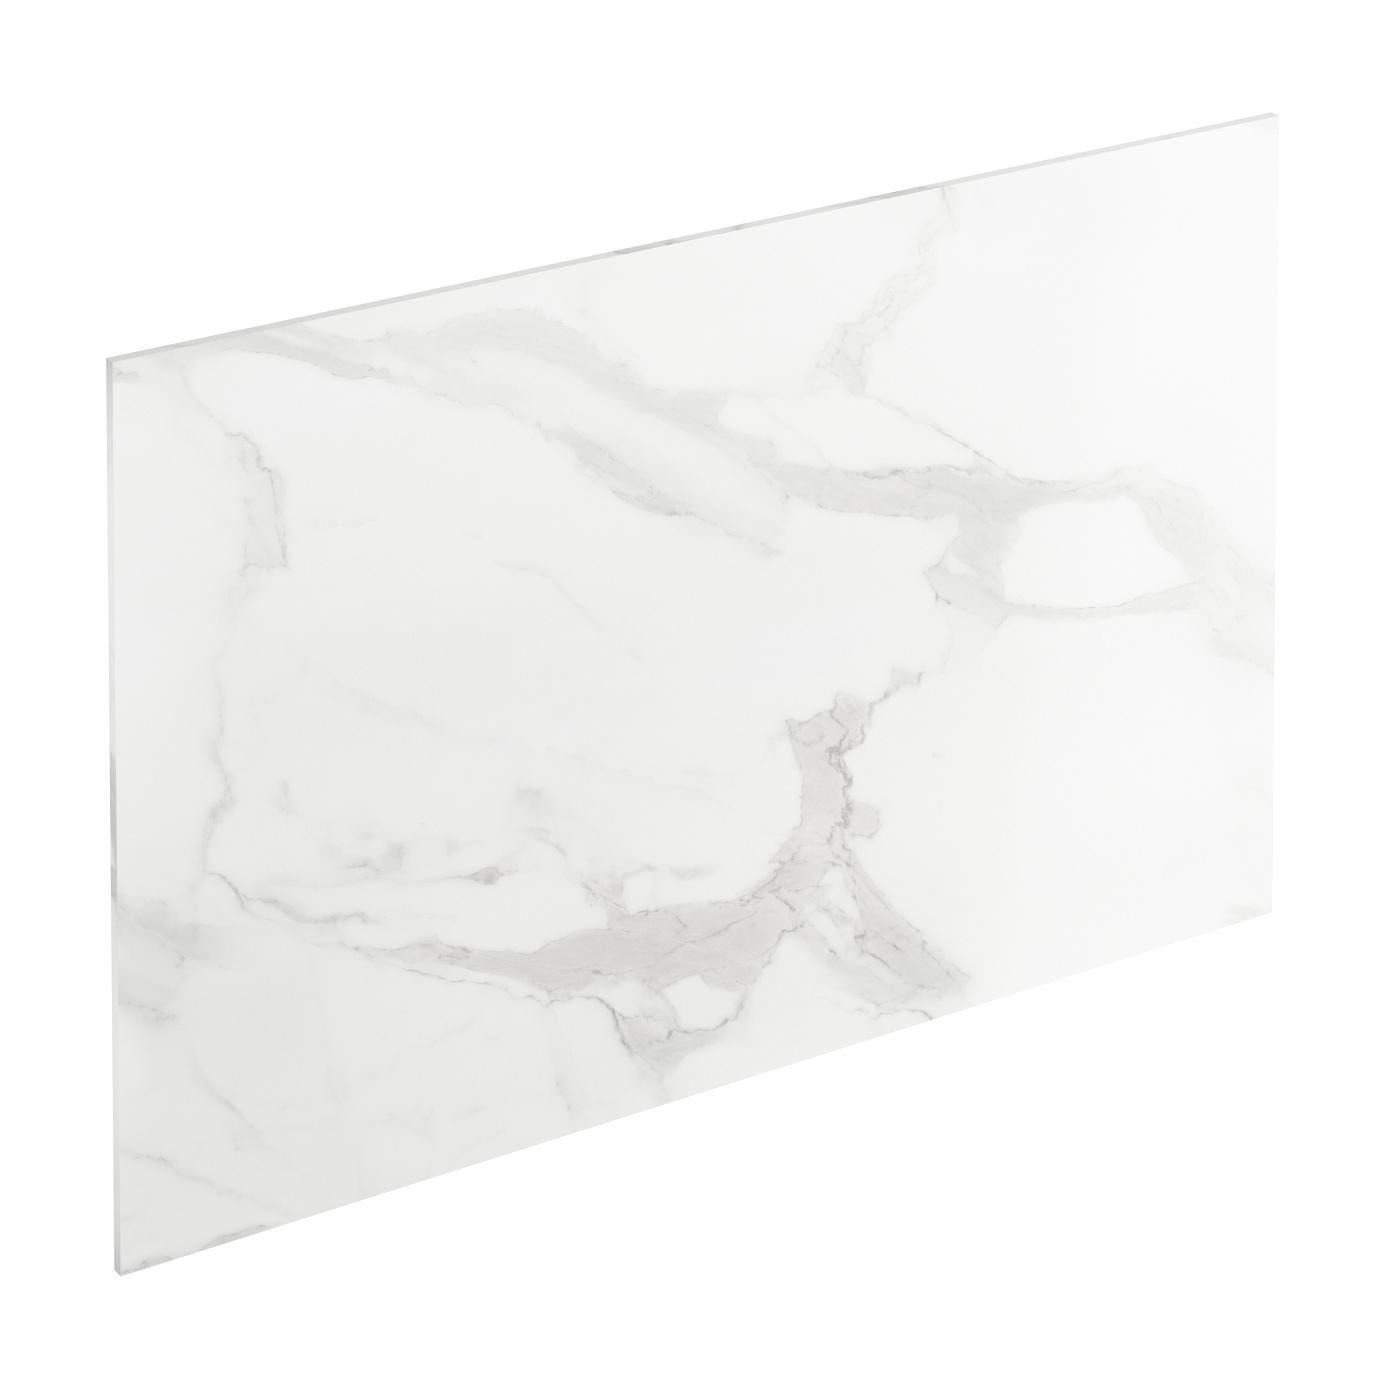 Credence Cuisine Marbre Blanc crédence de cuisine n°308 décor marbre blanc stratifié, l300 x h64 x  e0.9cm, planeko